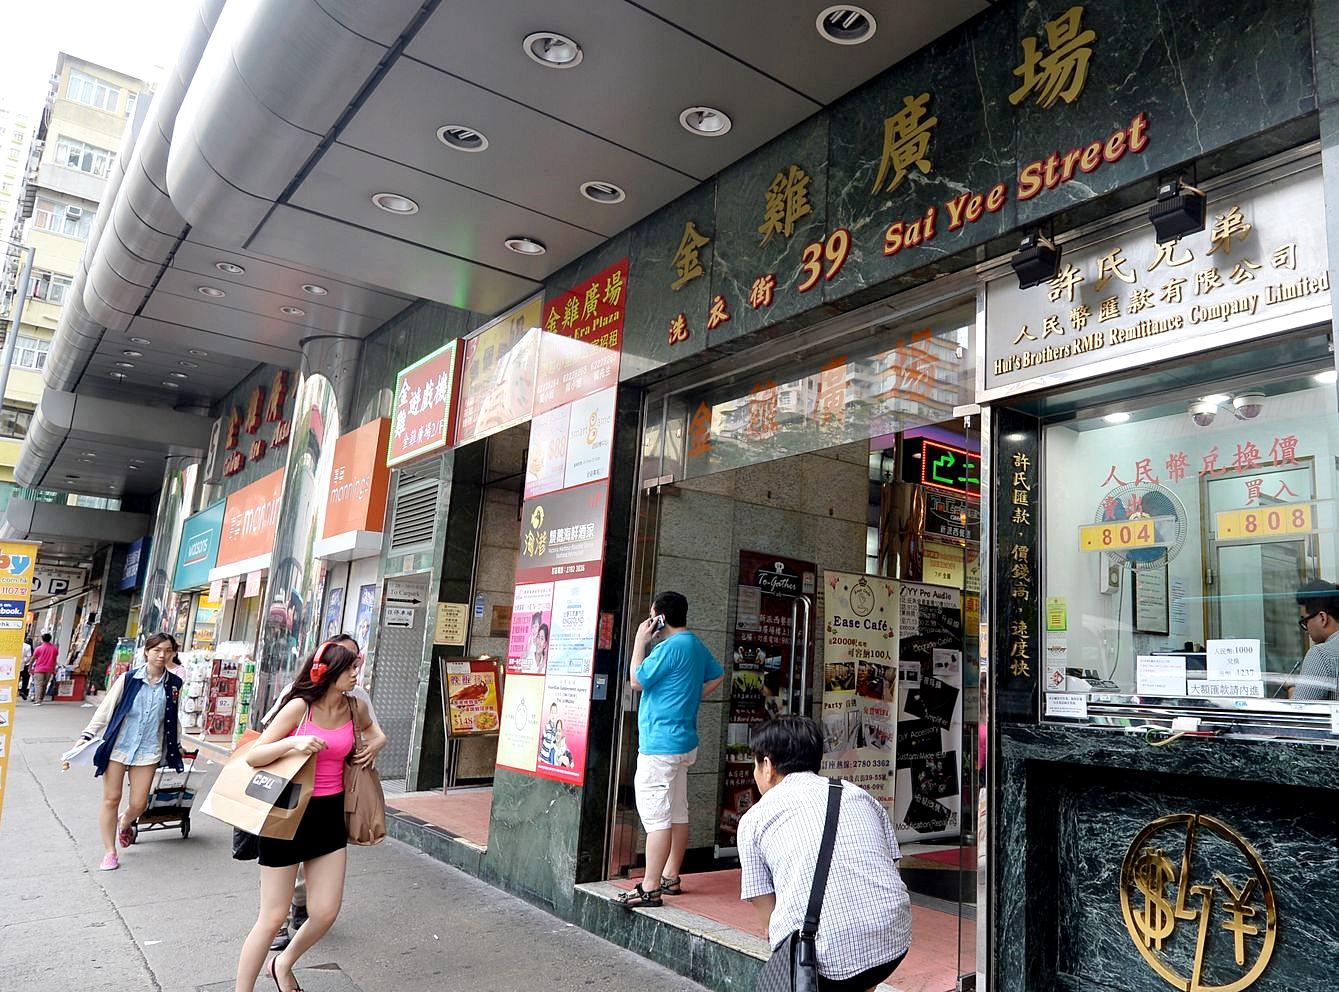 旺角金鸡广场食肆厨房起火 消防到场灌救